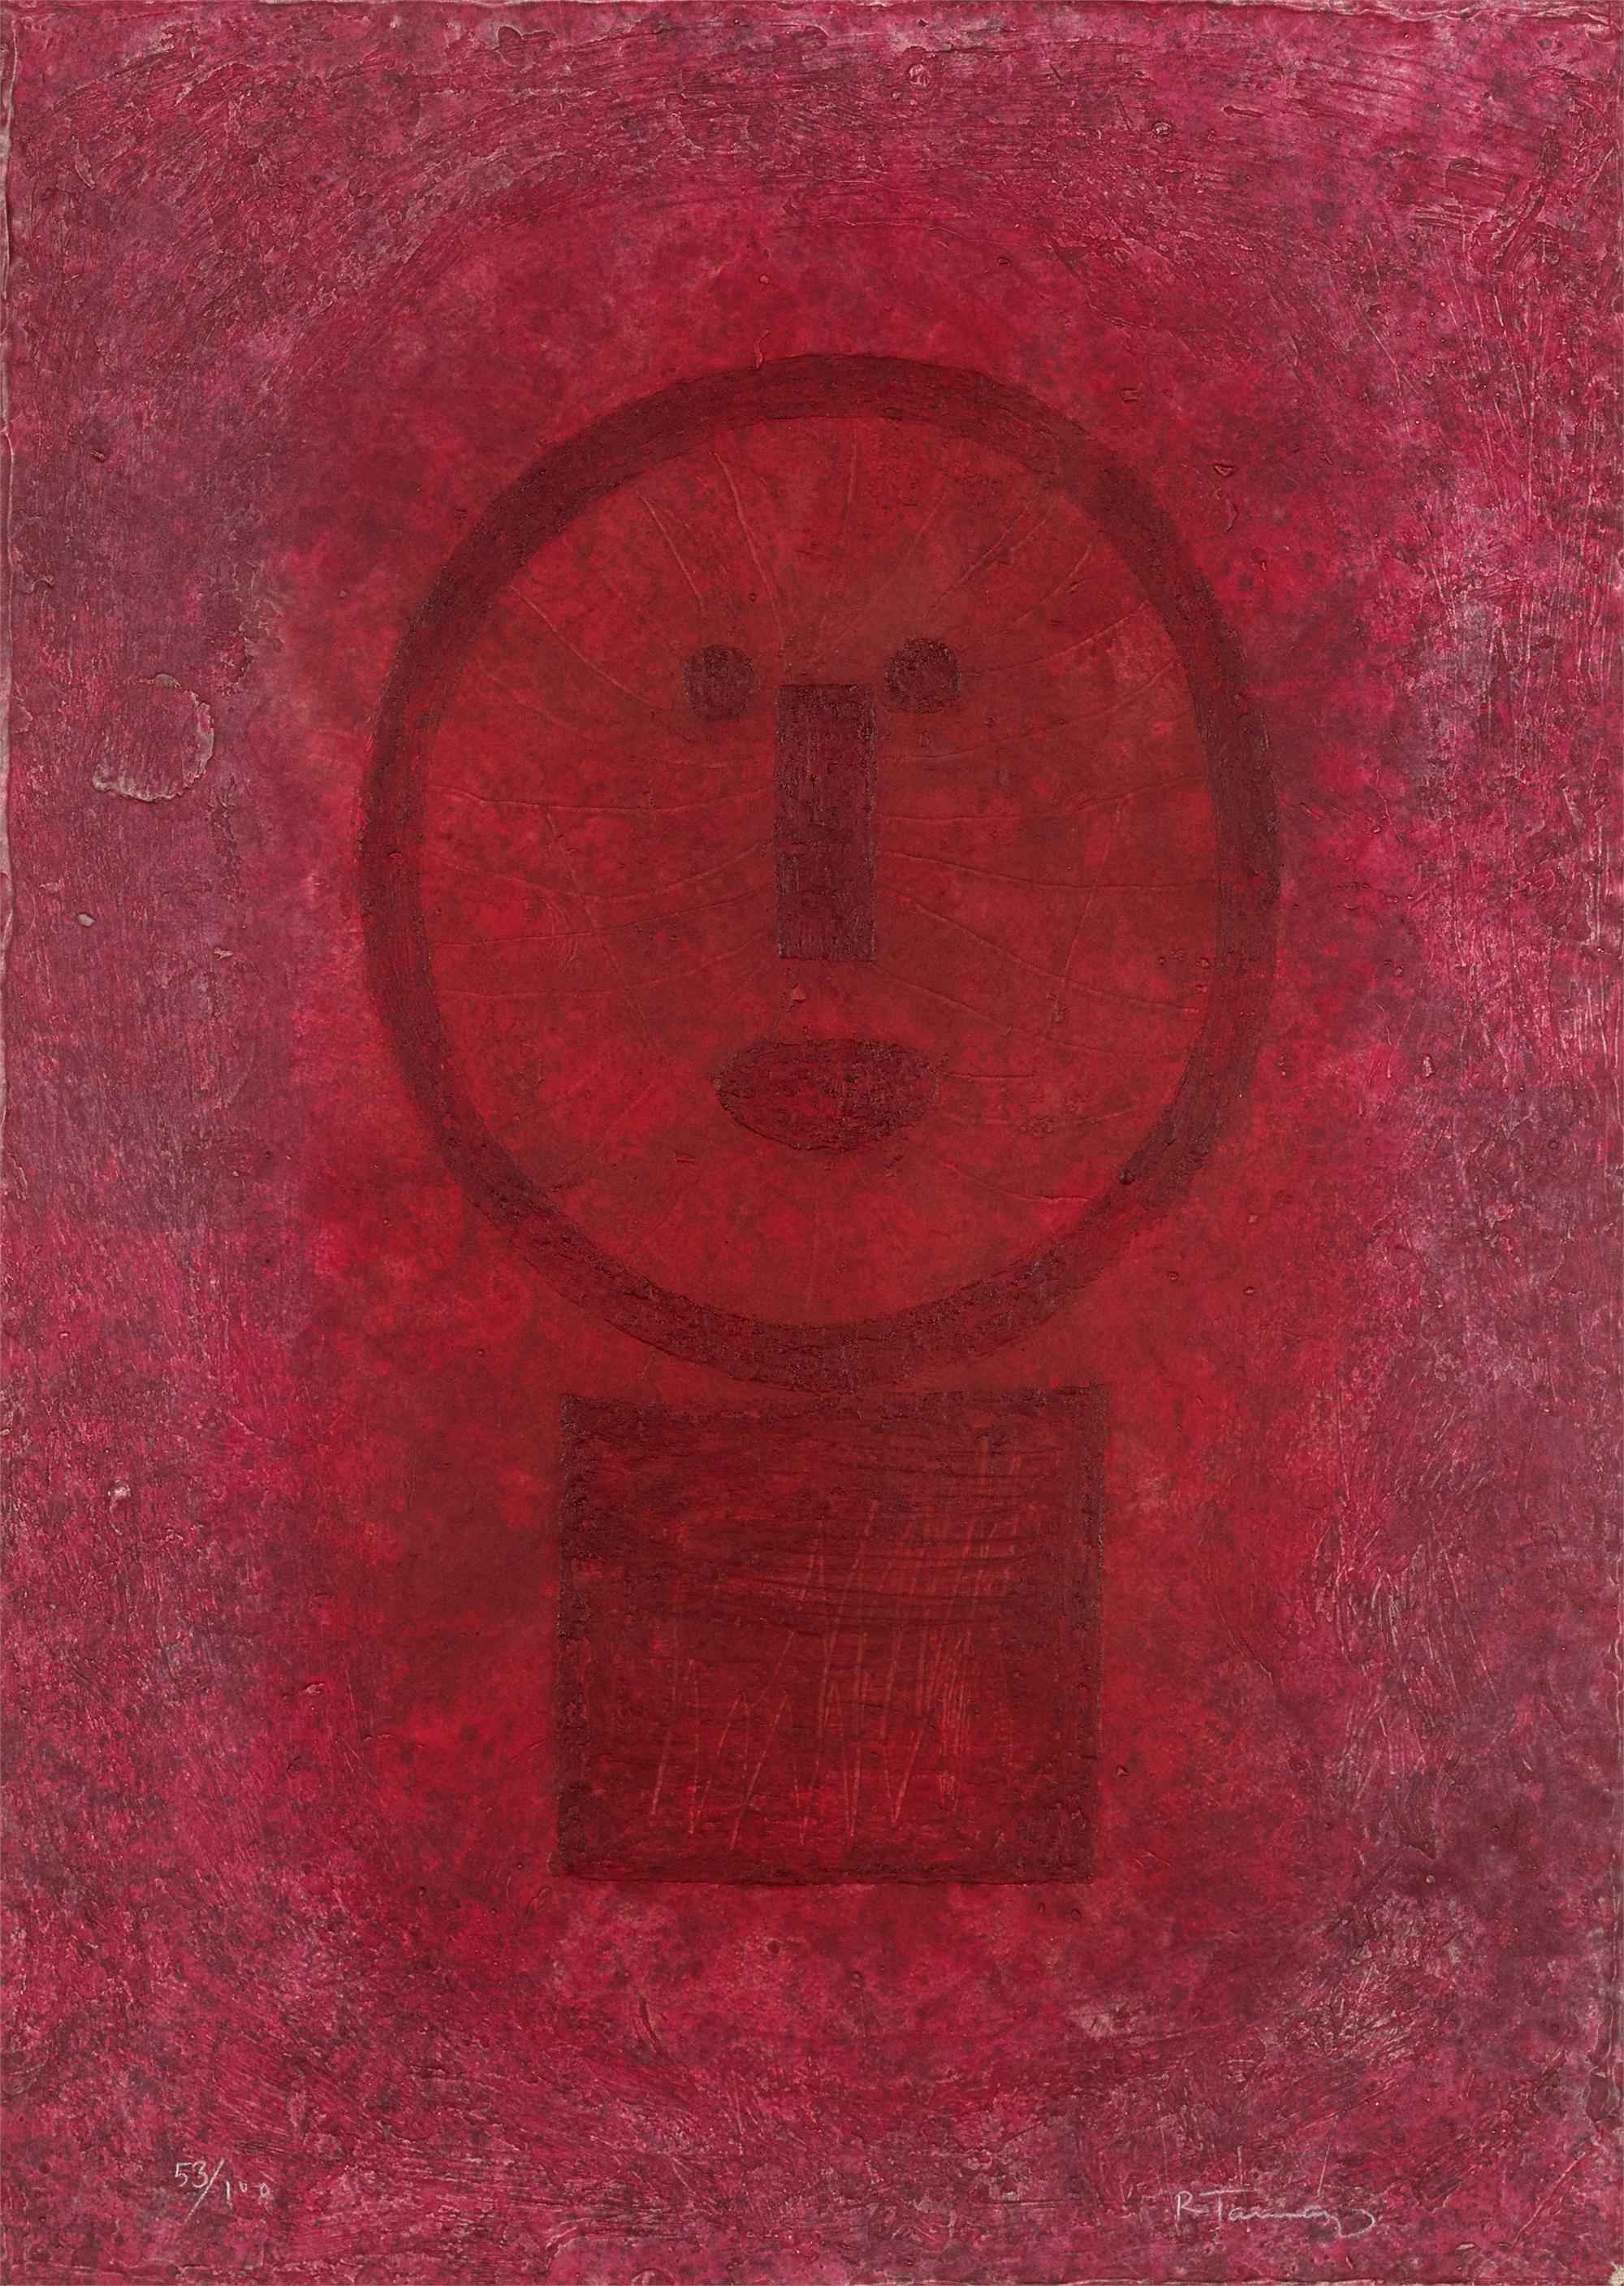 Cara en Rojo by Rufino Tamayo (1899 - 1991)